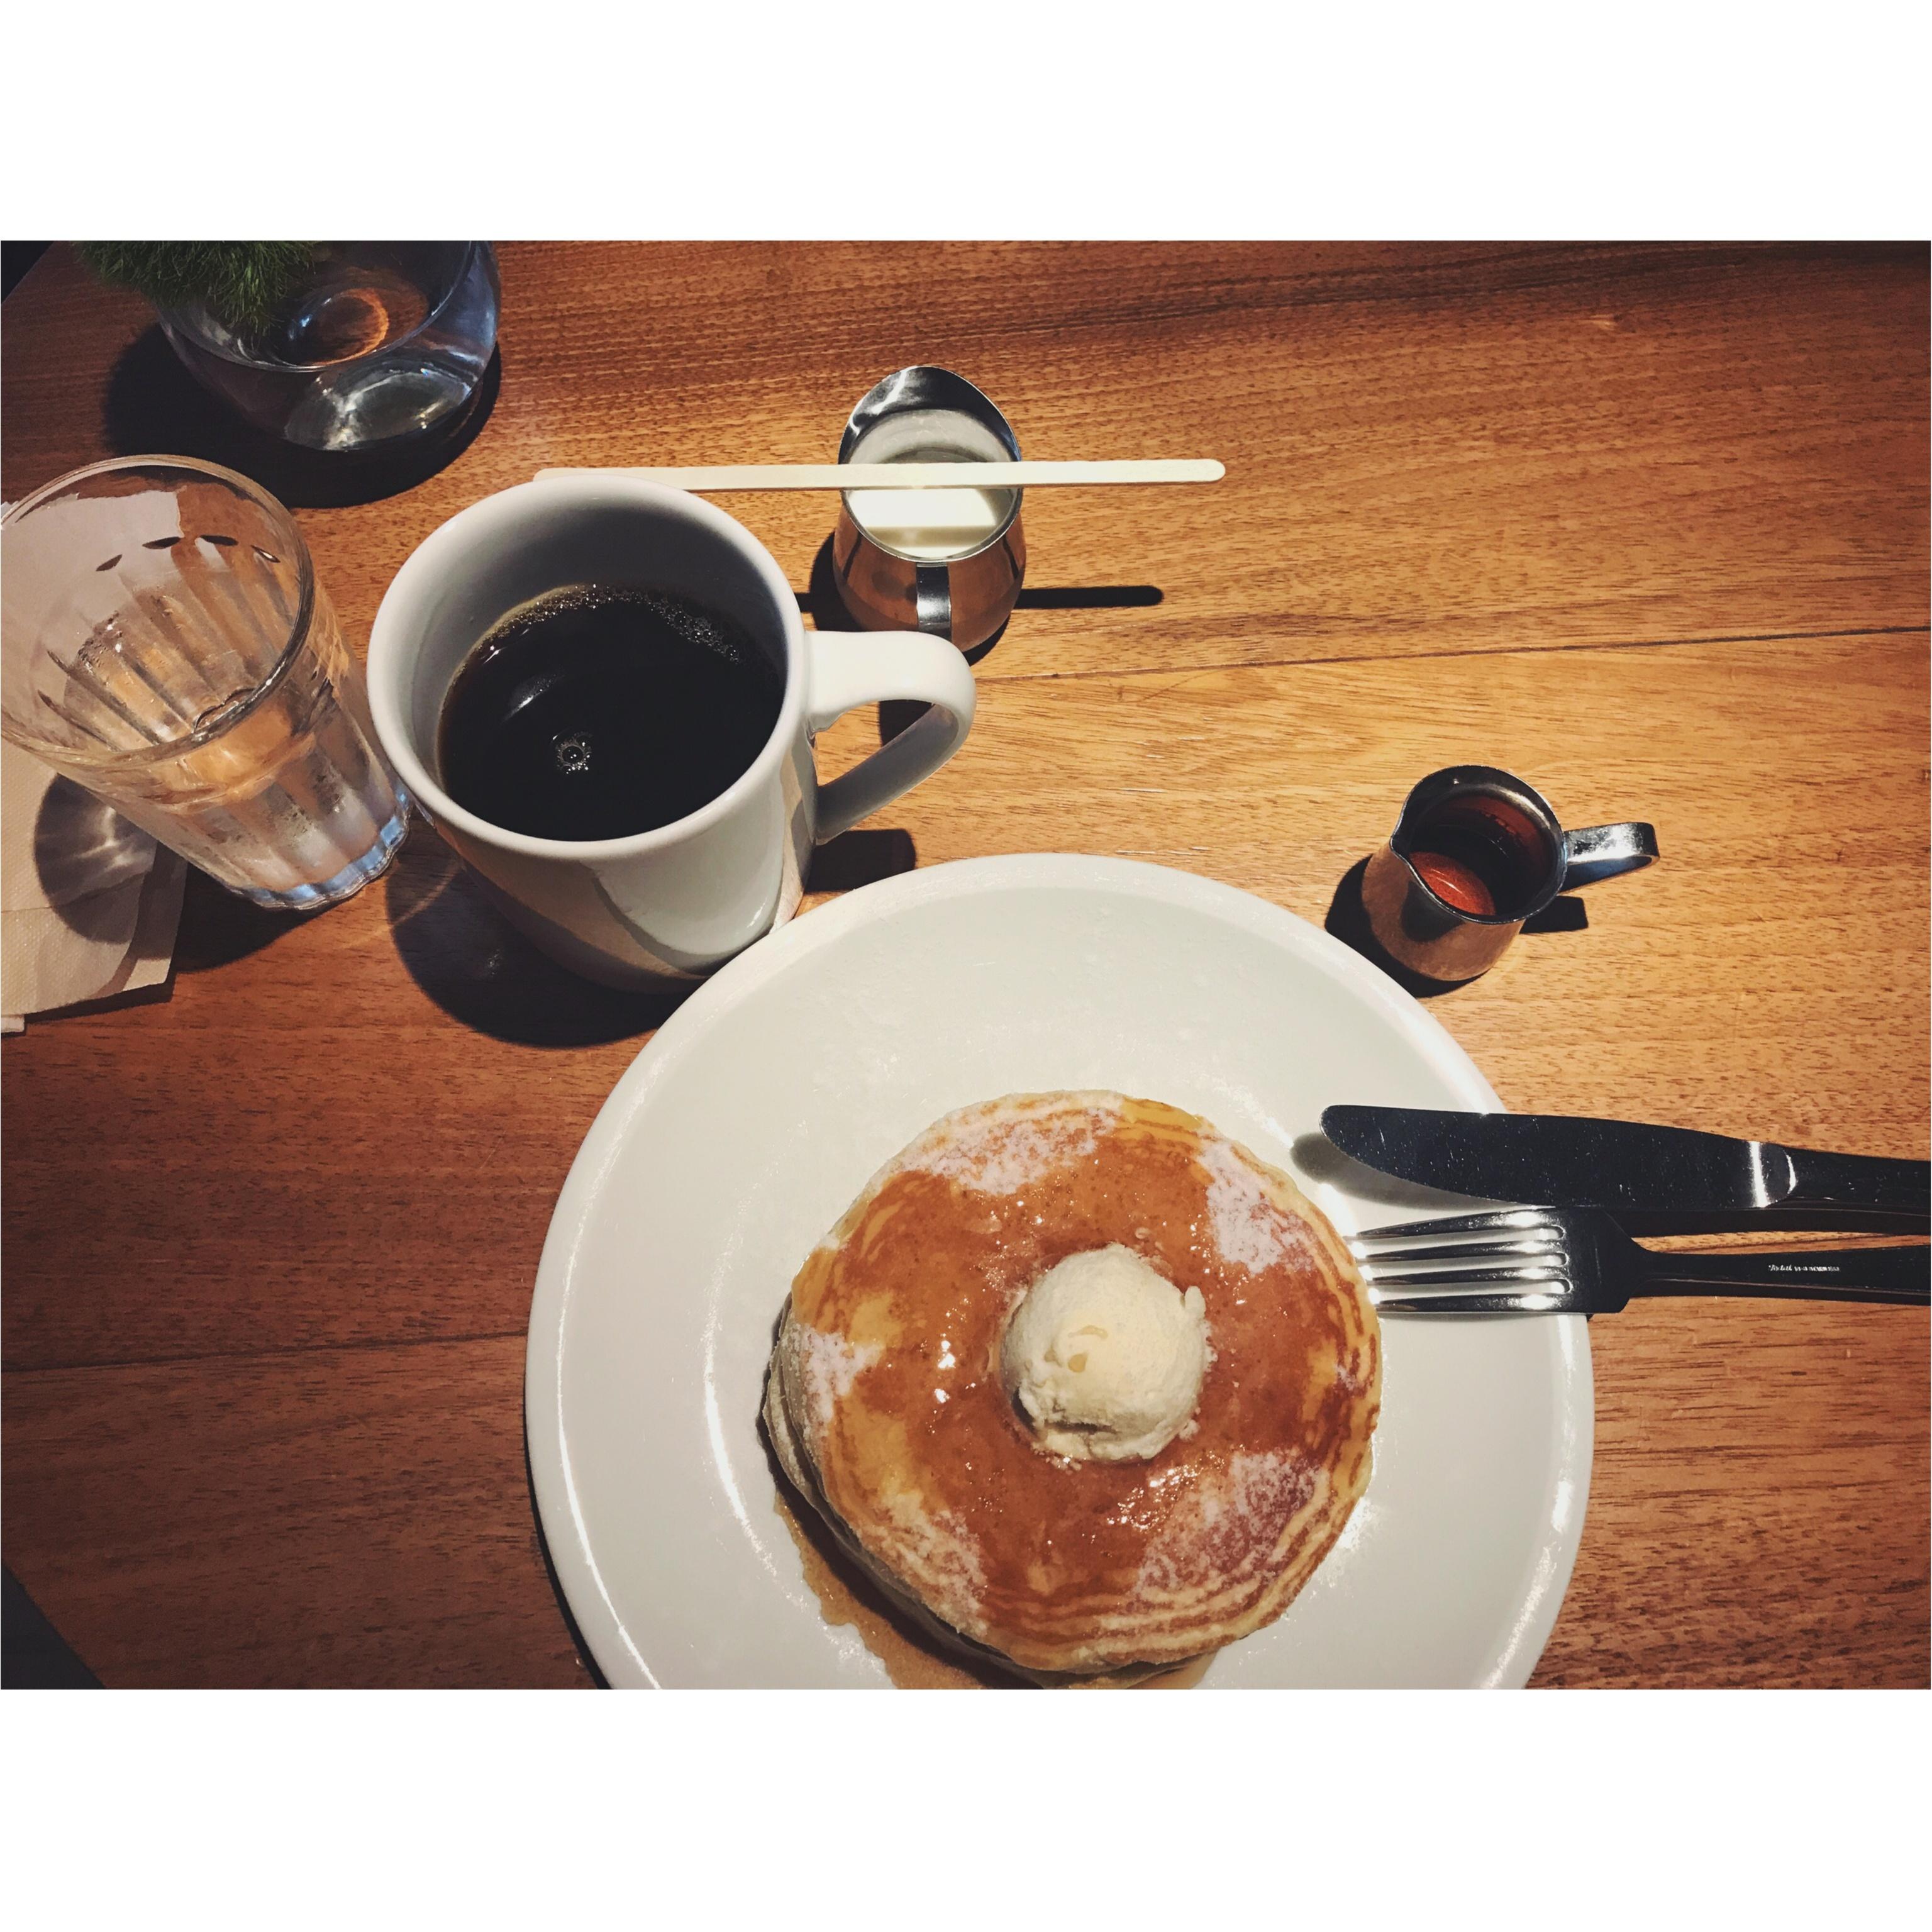 【わたしのベストグルメ店 crisscross】【東京】女子会&おひとりさまランチにオススメ!パンケーキが美味しい、表参道カフェ_2